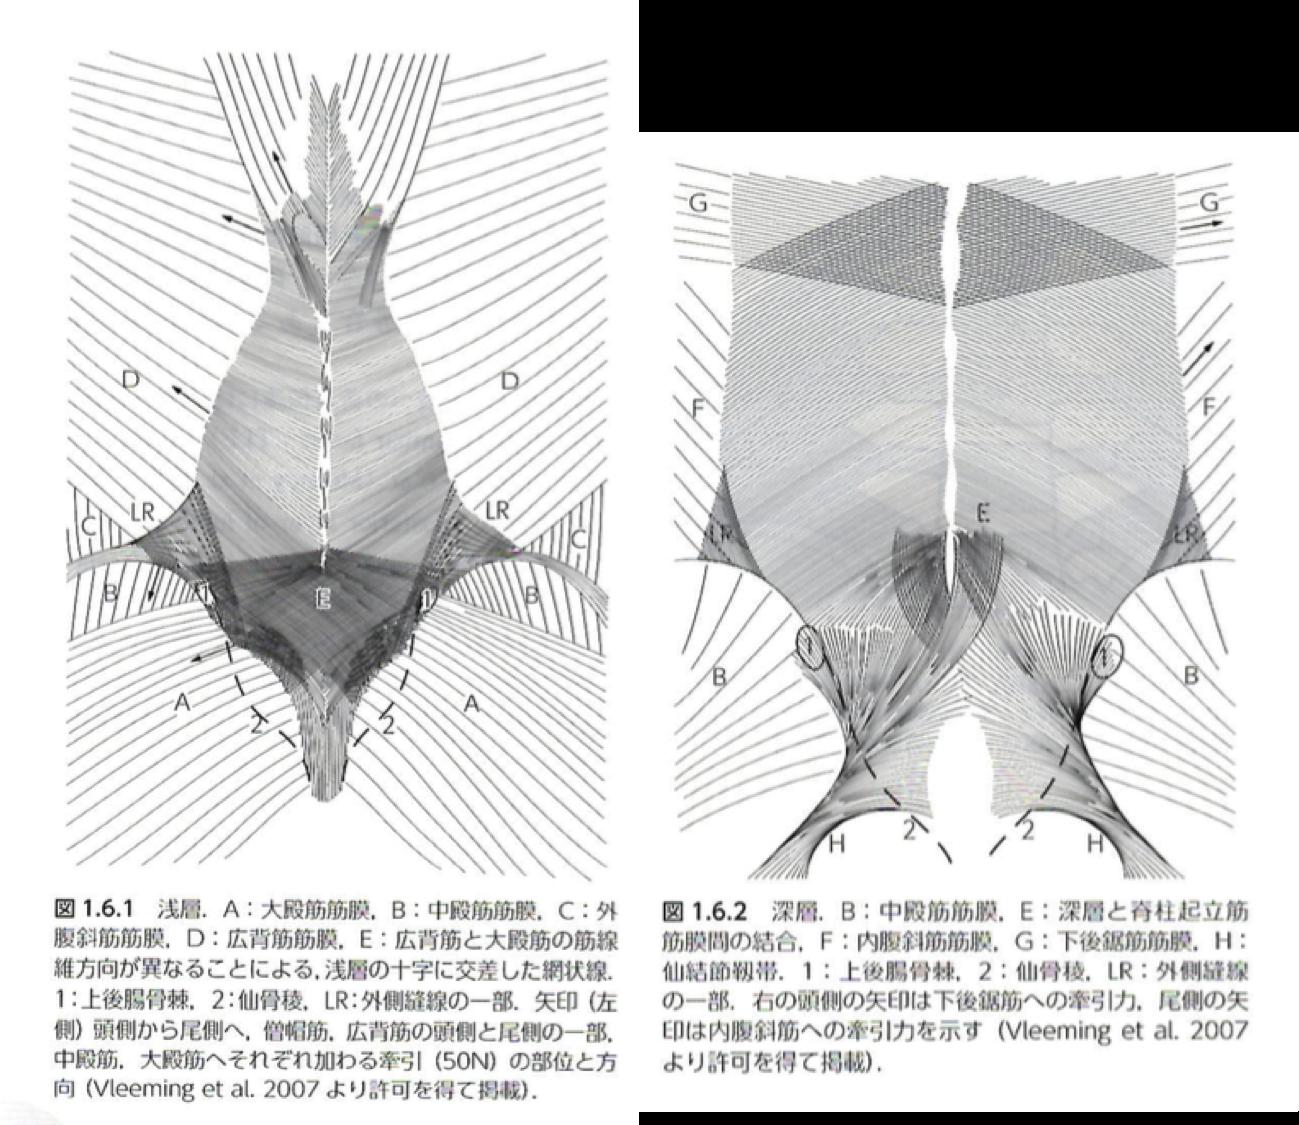 胸腰筋膜(引用:人体の張力ネットワーク膜・筋膜 P.38)